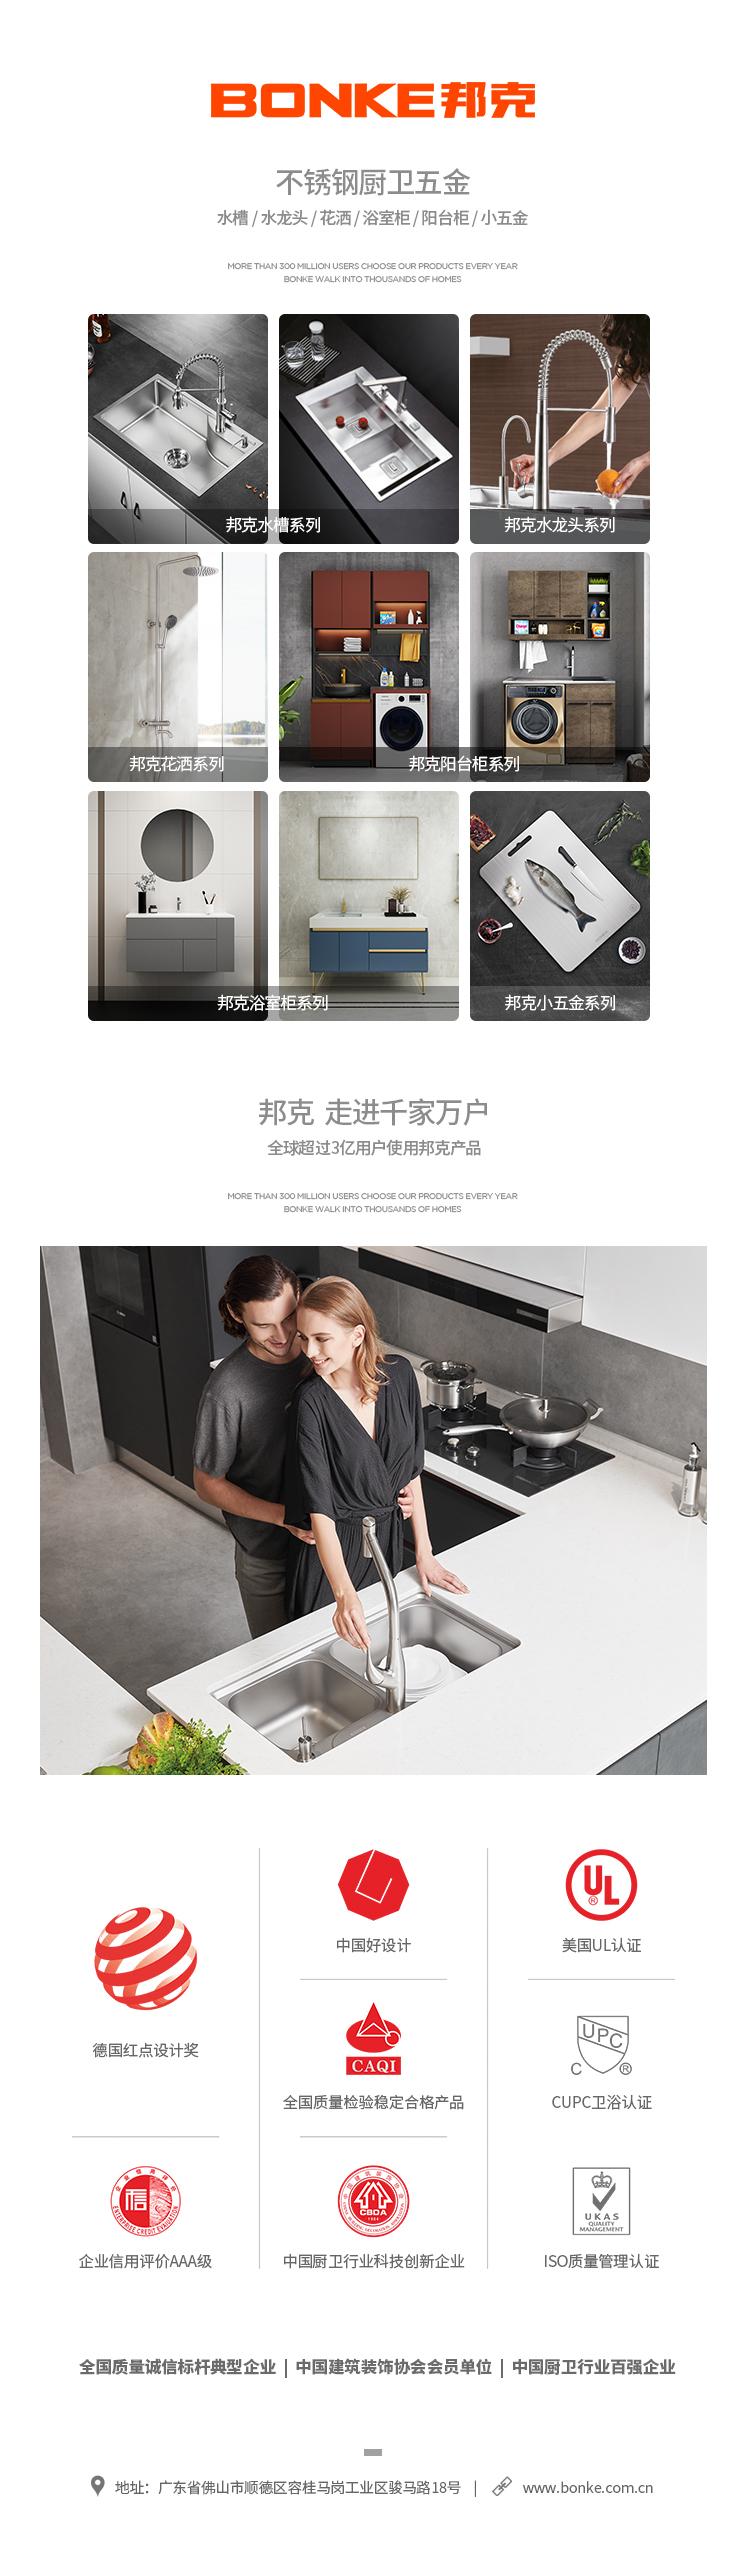 广州建博会邦克厨卫演绎智能厨房美学,实力吸睛未来可期